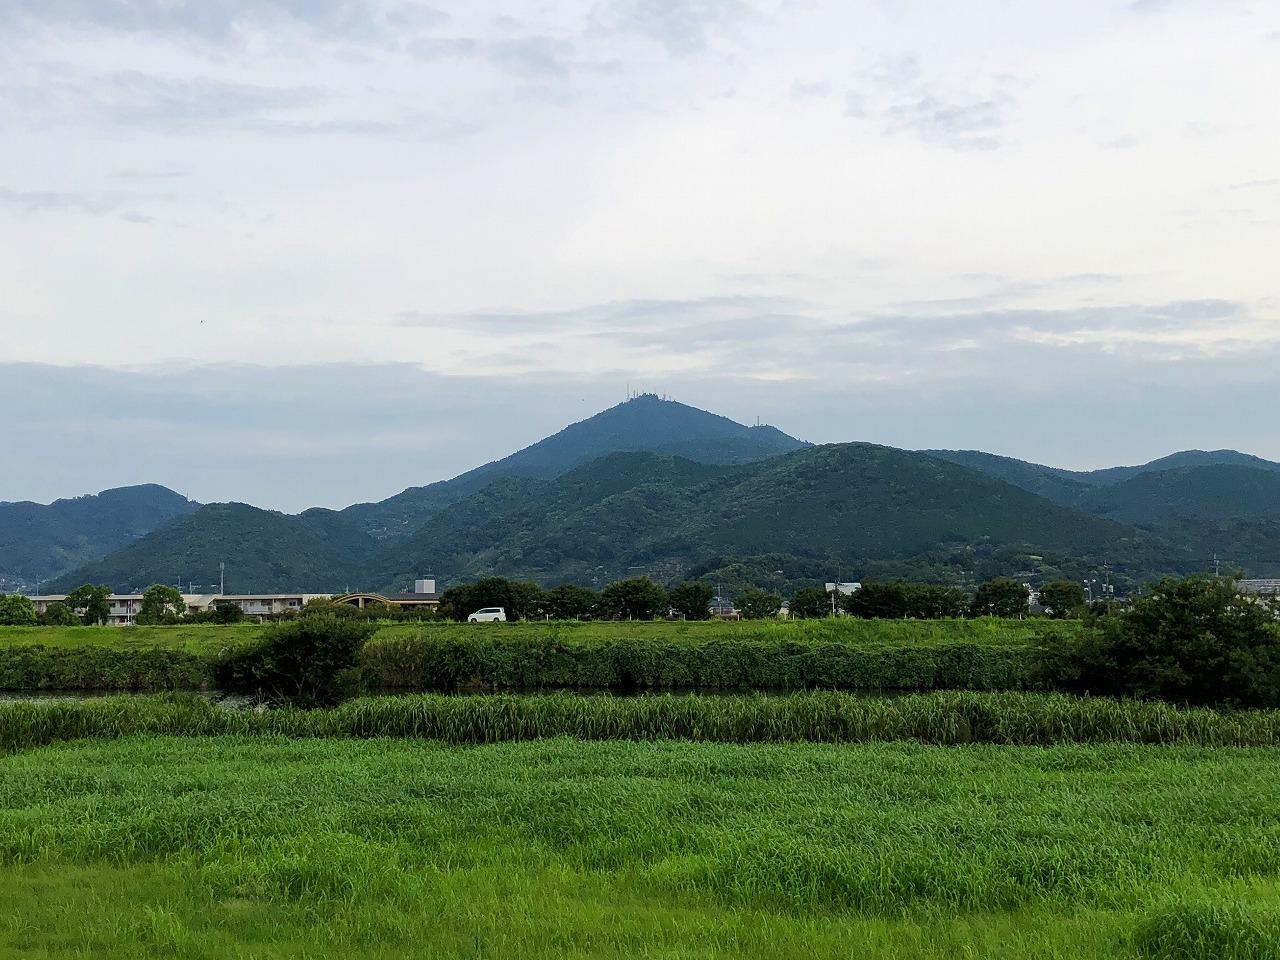 2018.8.17今朝の金峰山です。